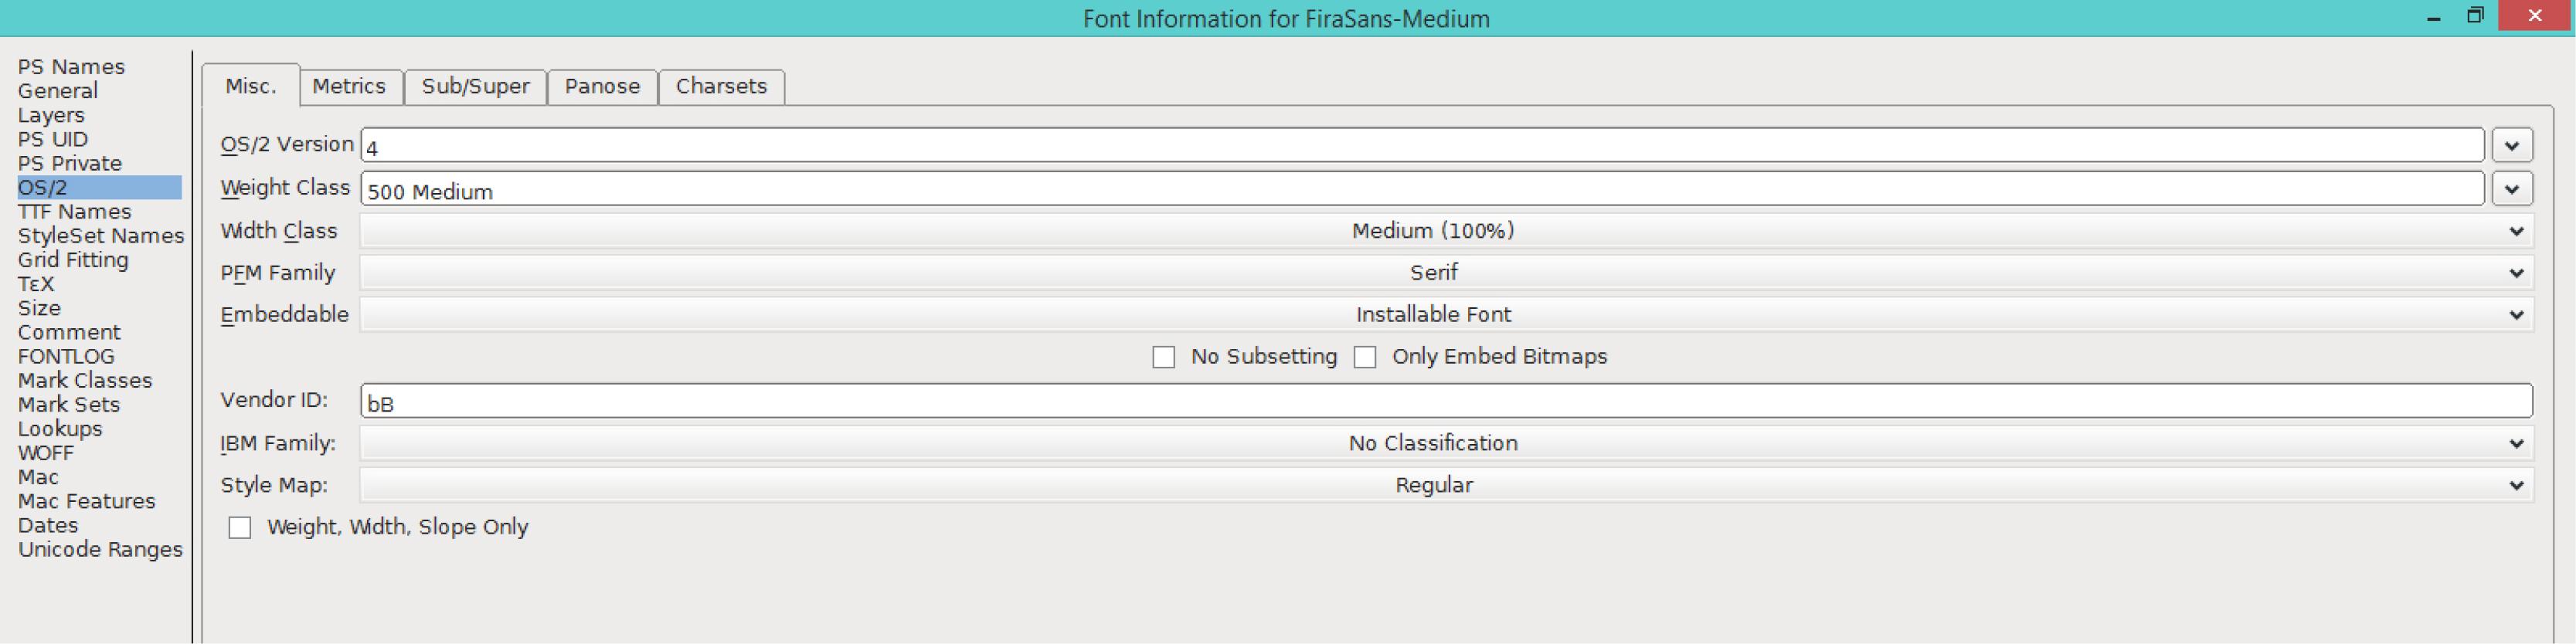 Fira Sans Medium (OS/2)